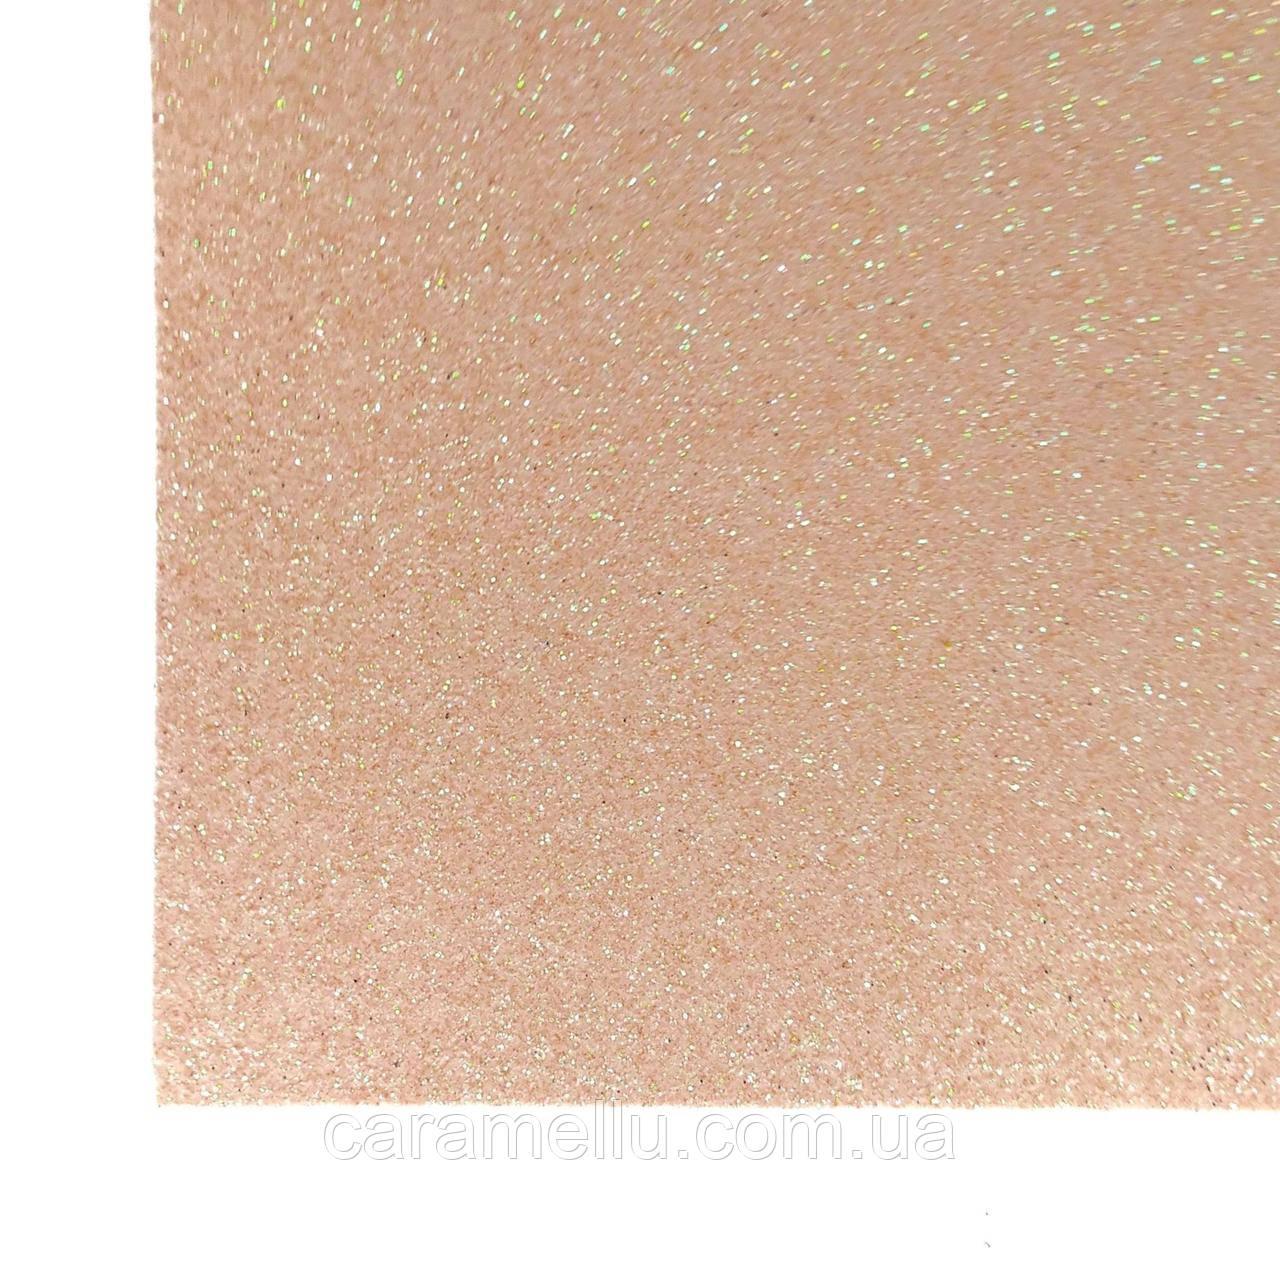 Глиттерный фоамиран А4 2мм. Персиковый. 20*30 см